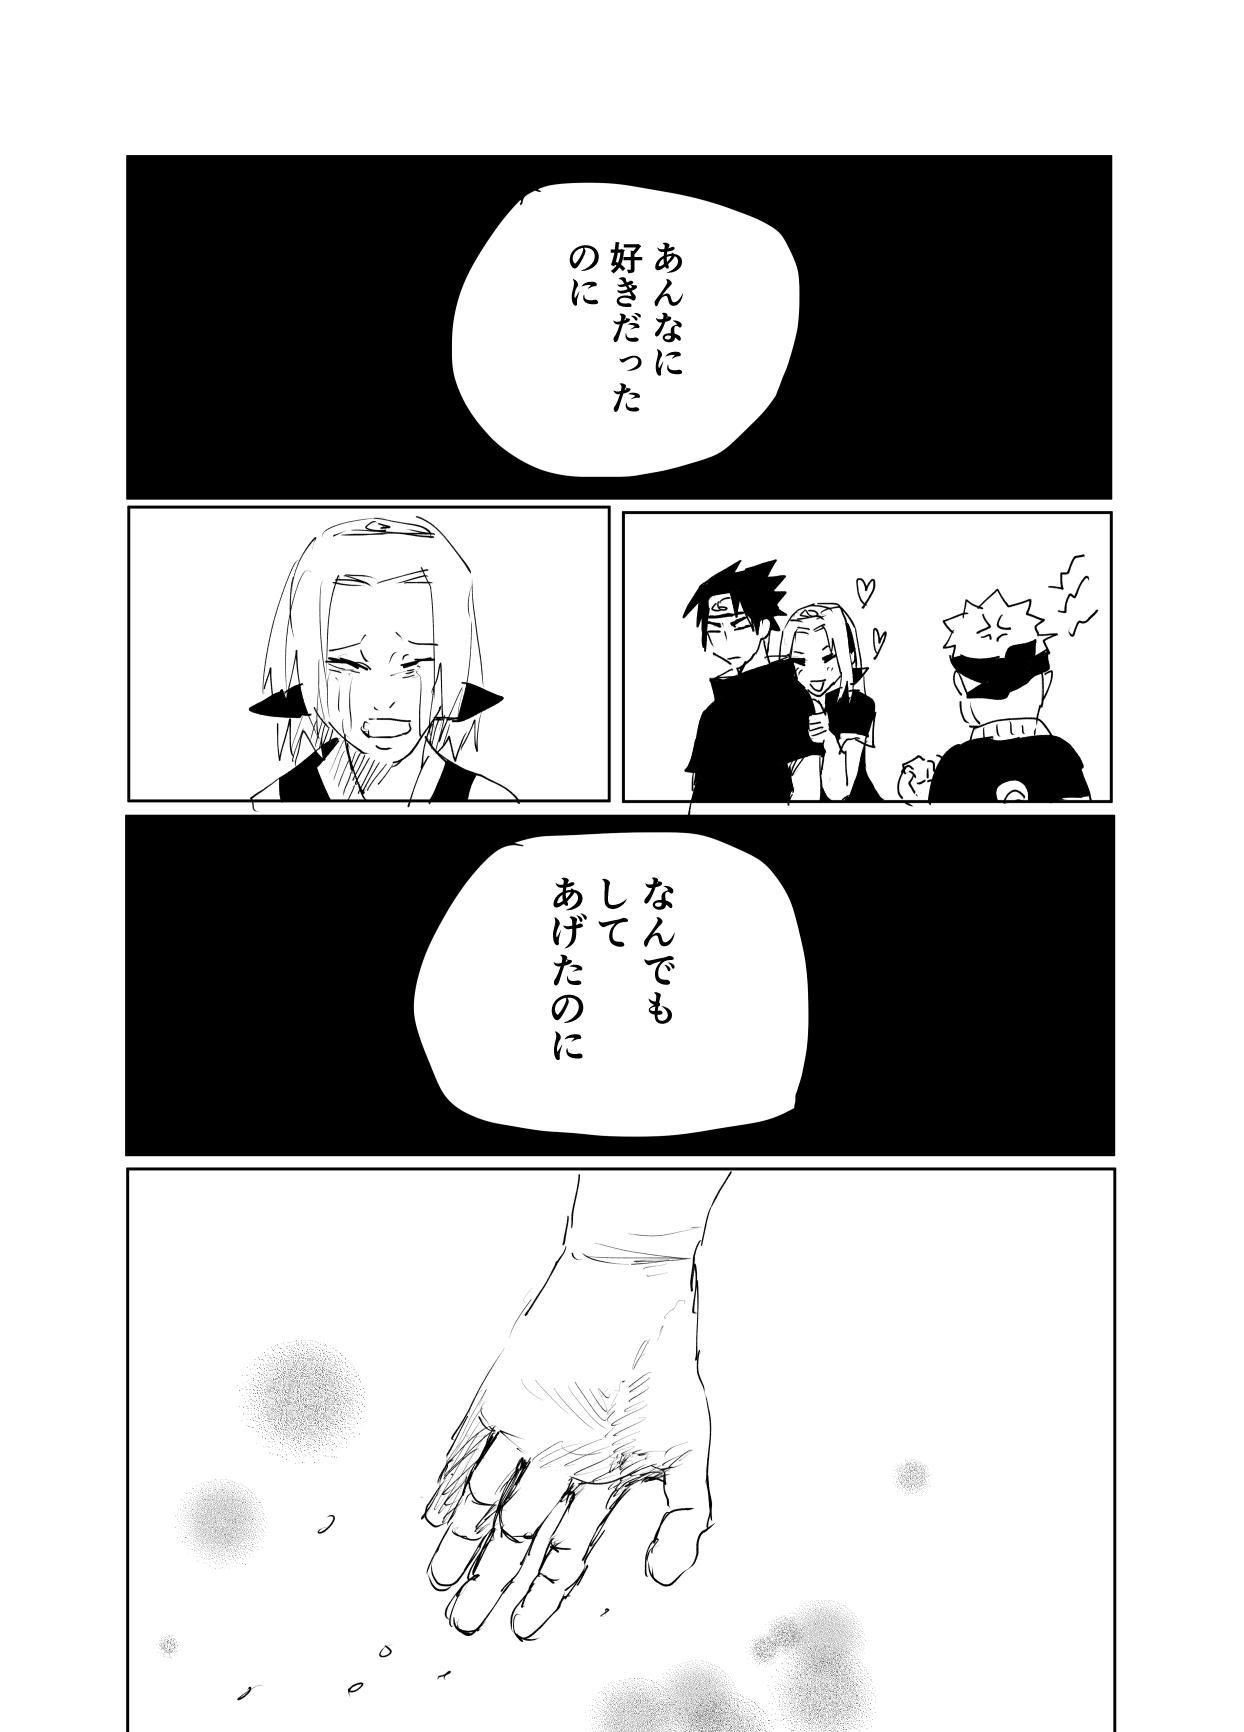 嘘告白漫画 64